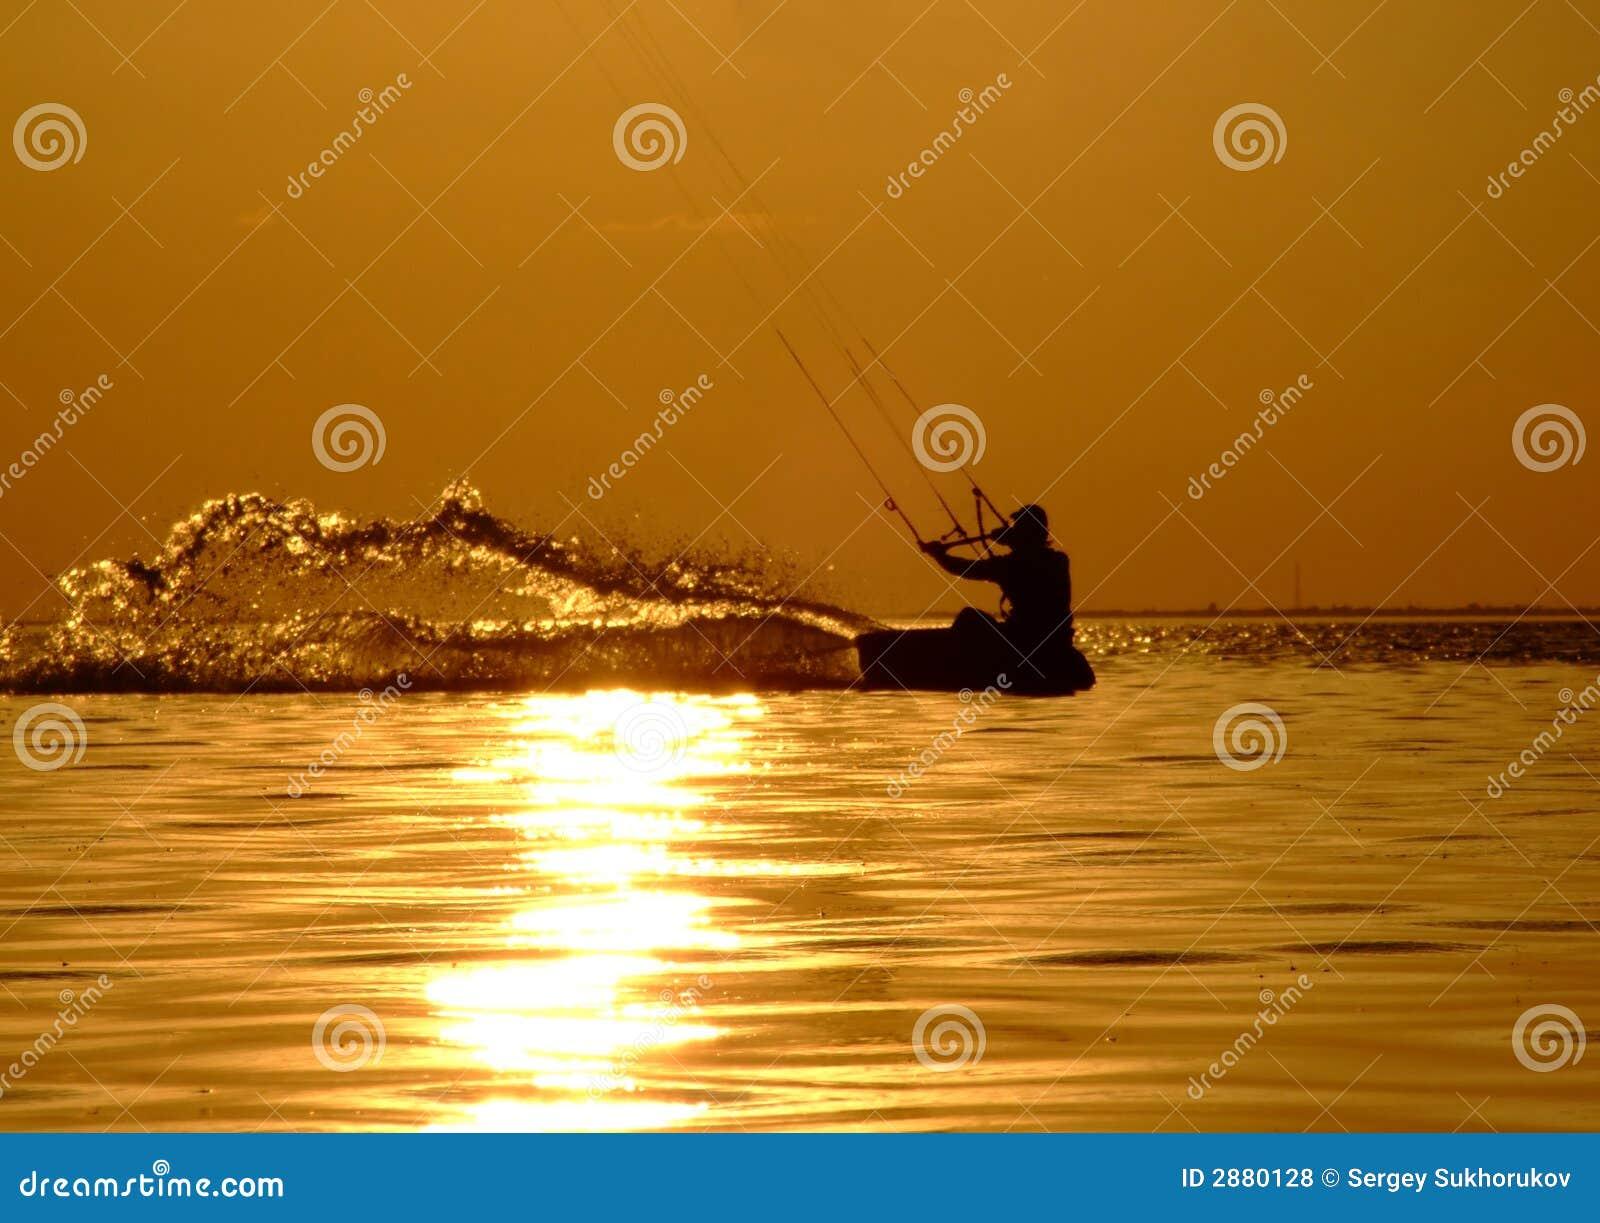 Silueta de un kitesurf